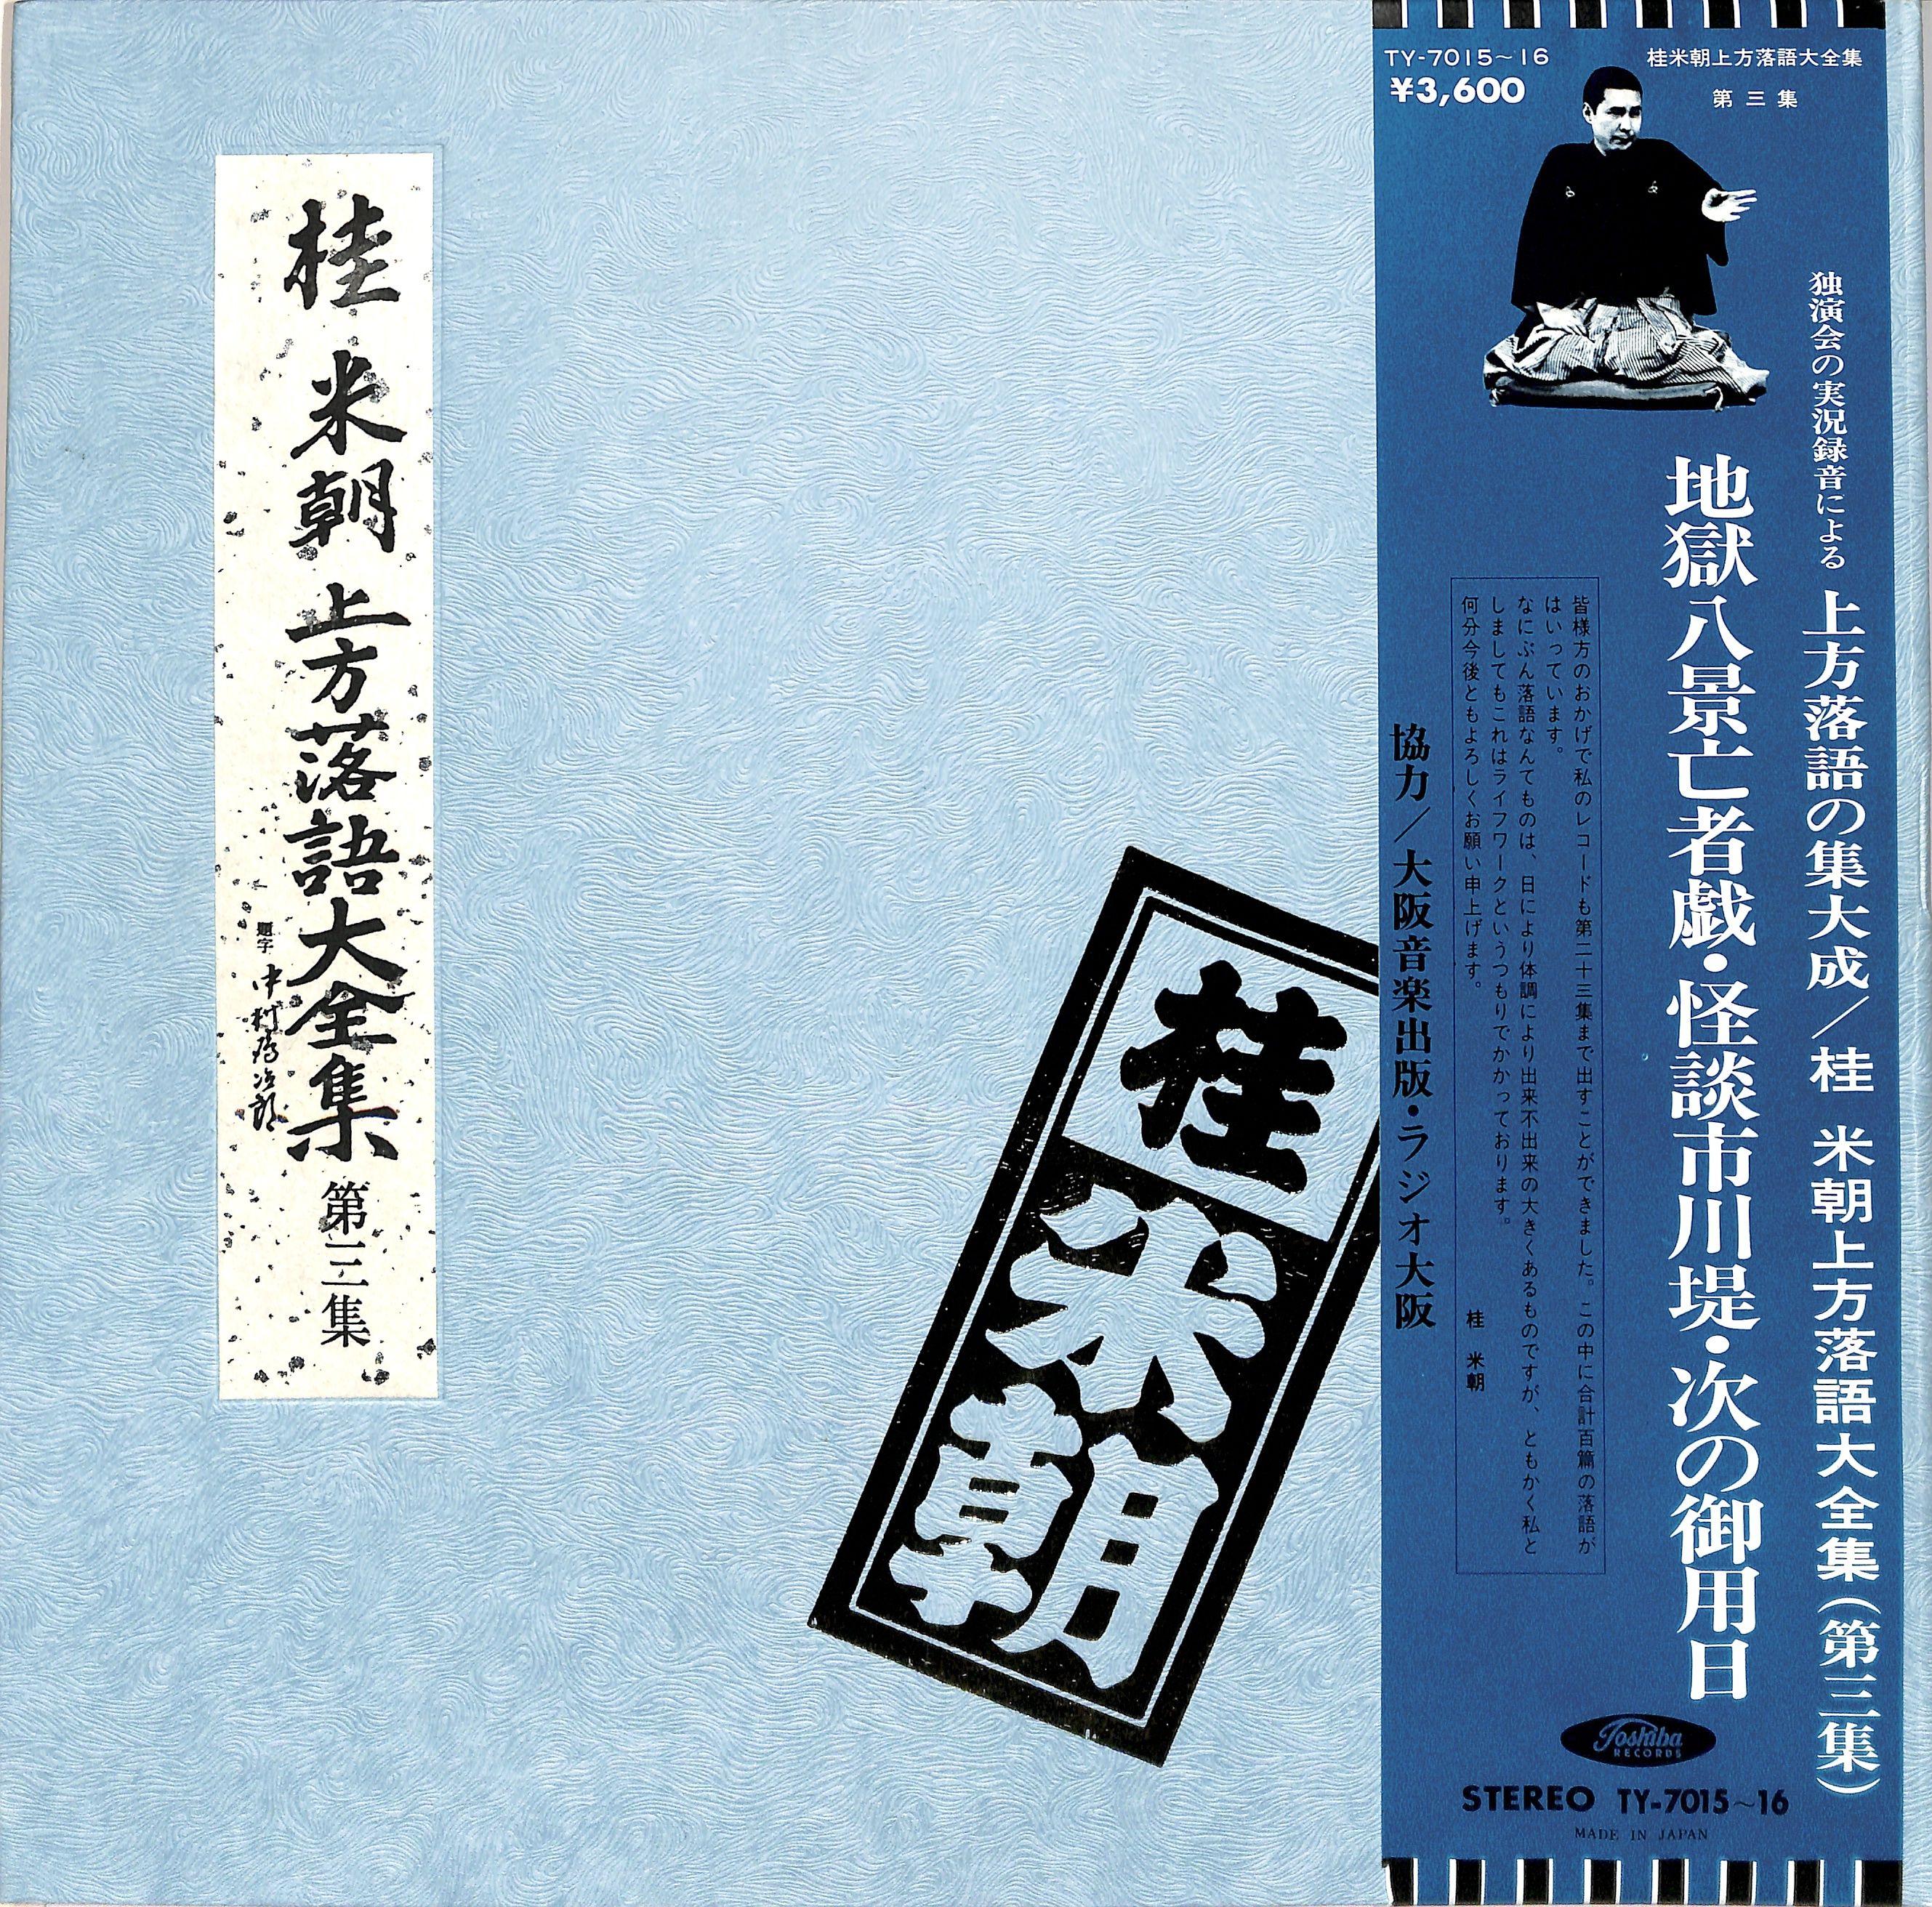 https://p1-e6eeae93.imageflux.jp/booksch/6d0f8a3cb2380a0a7ae3.jpeg